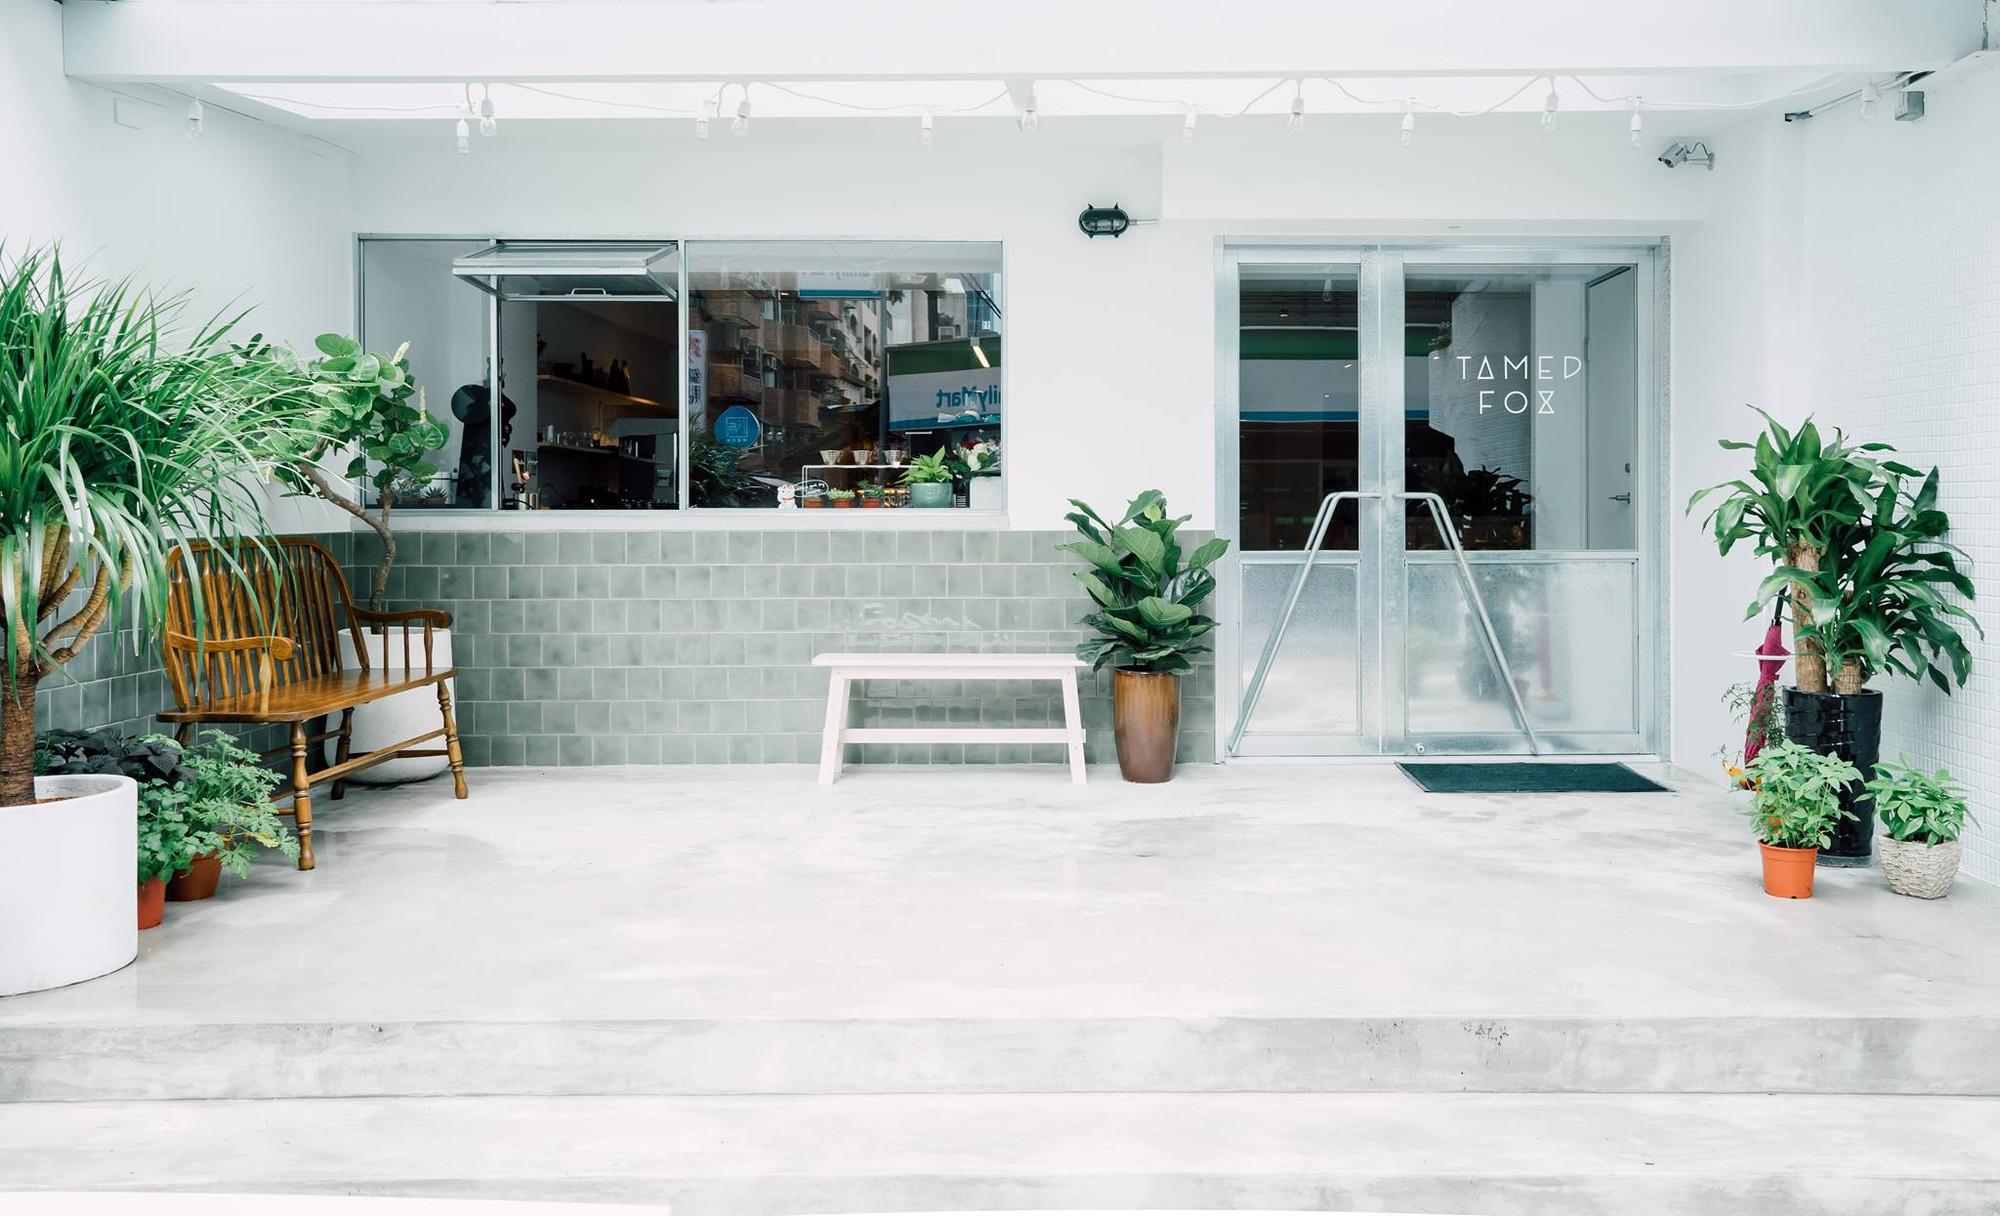 Cảnh đẹp, đồ ăn ngon ngập tràn, cafe xinh xắn - như thế đã đủ hấp dẫn để đi Đài Loan hè này chưa? - ảnh 36